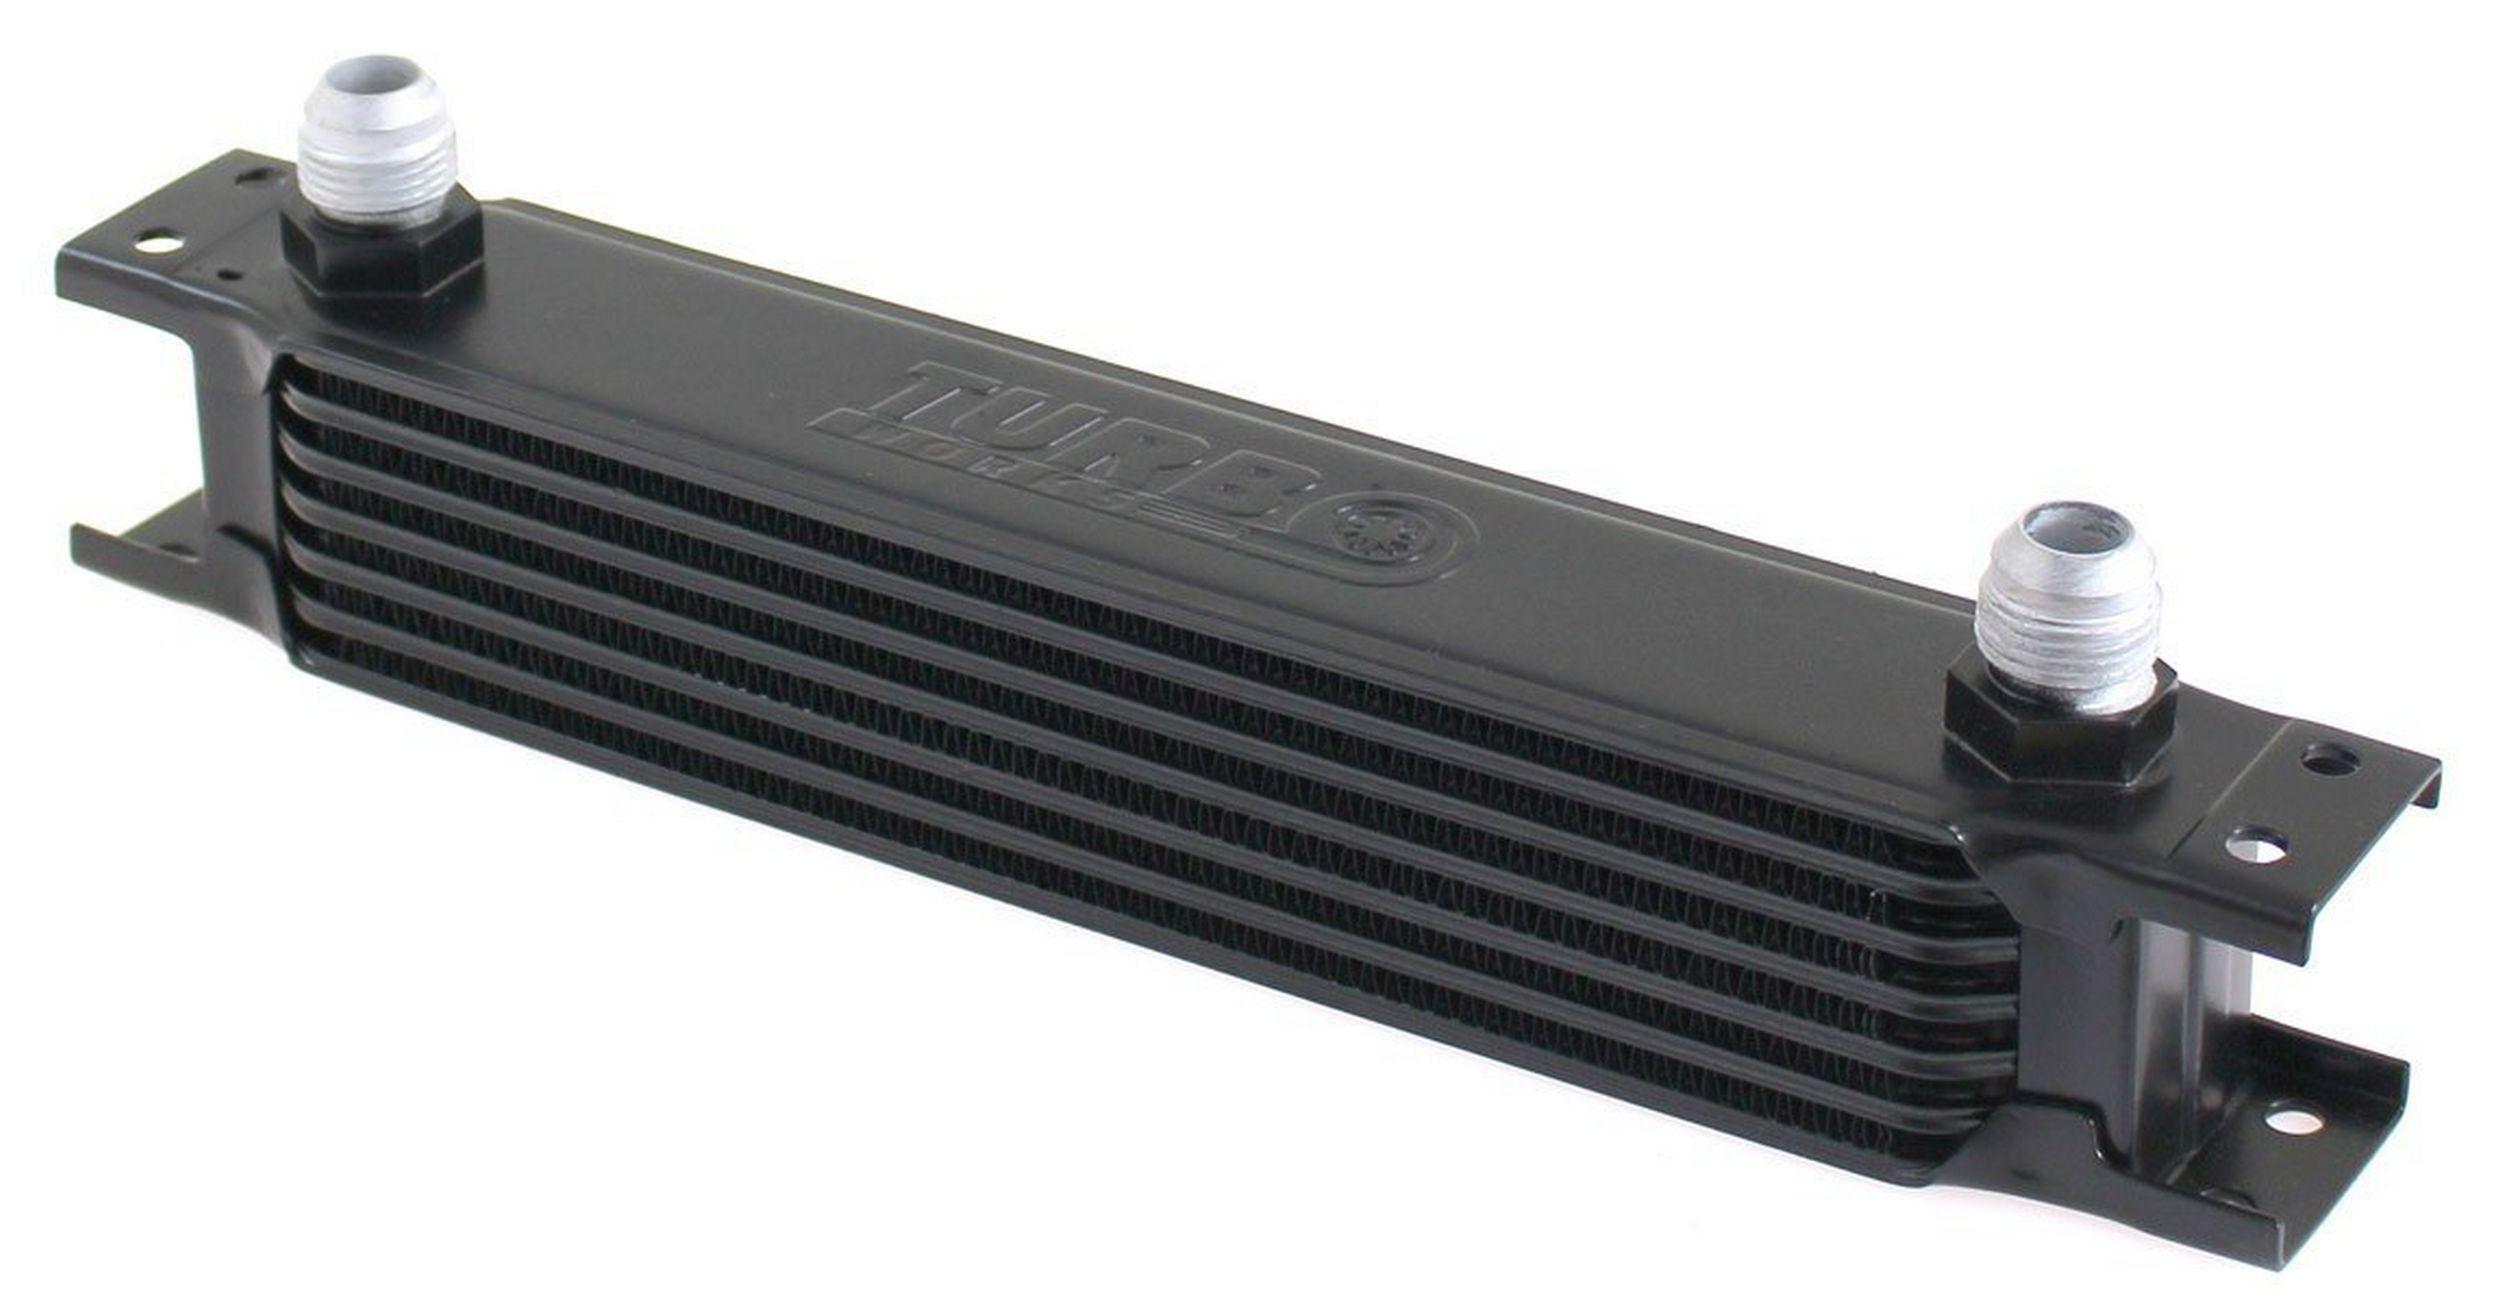 радиатор масла 7 рядов 260x50x50 an10 turboworks